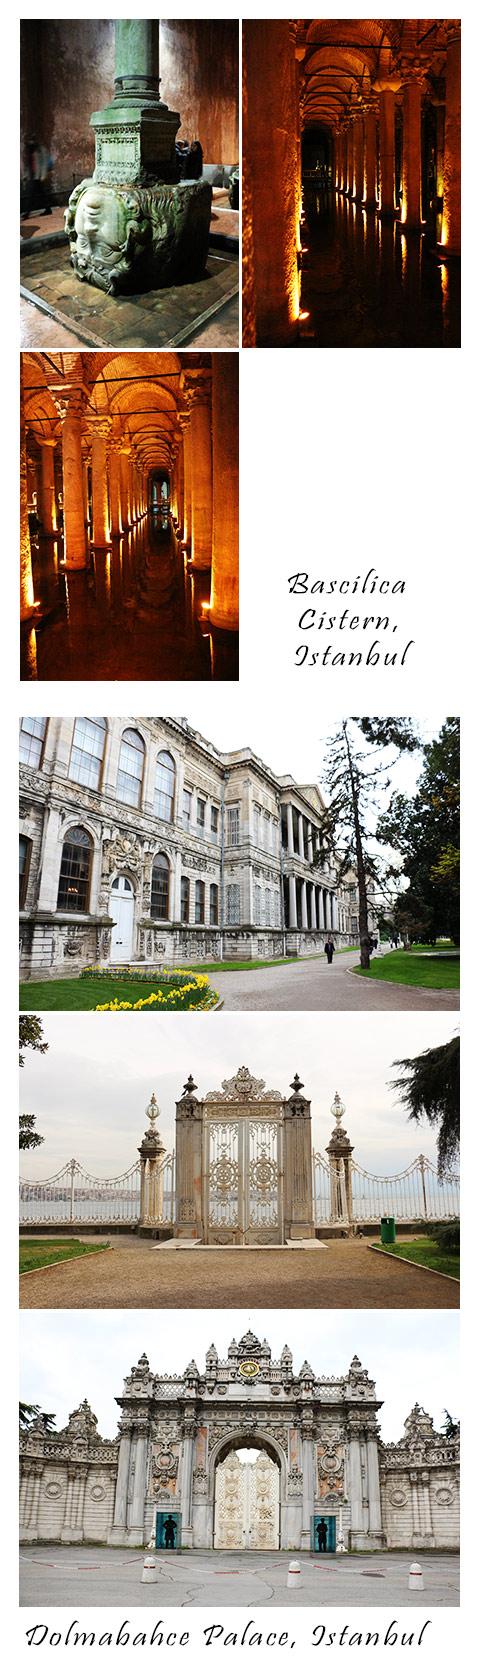 Istanbul - CisternDolmab